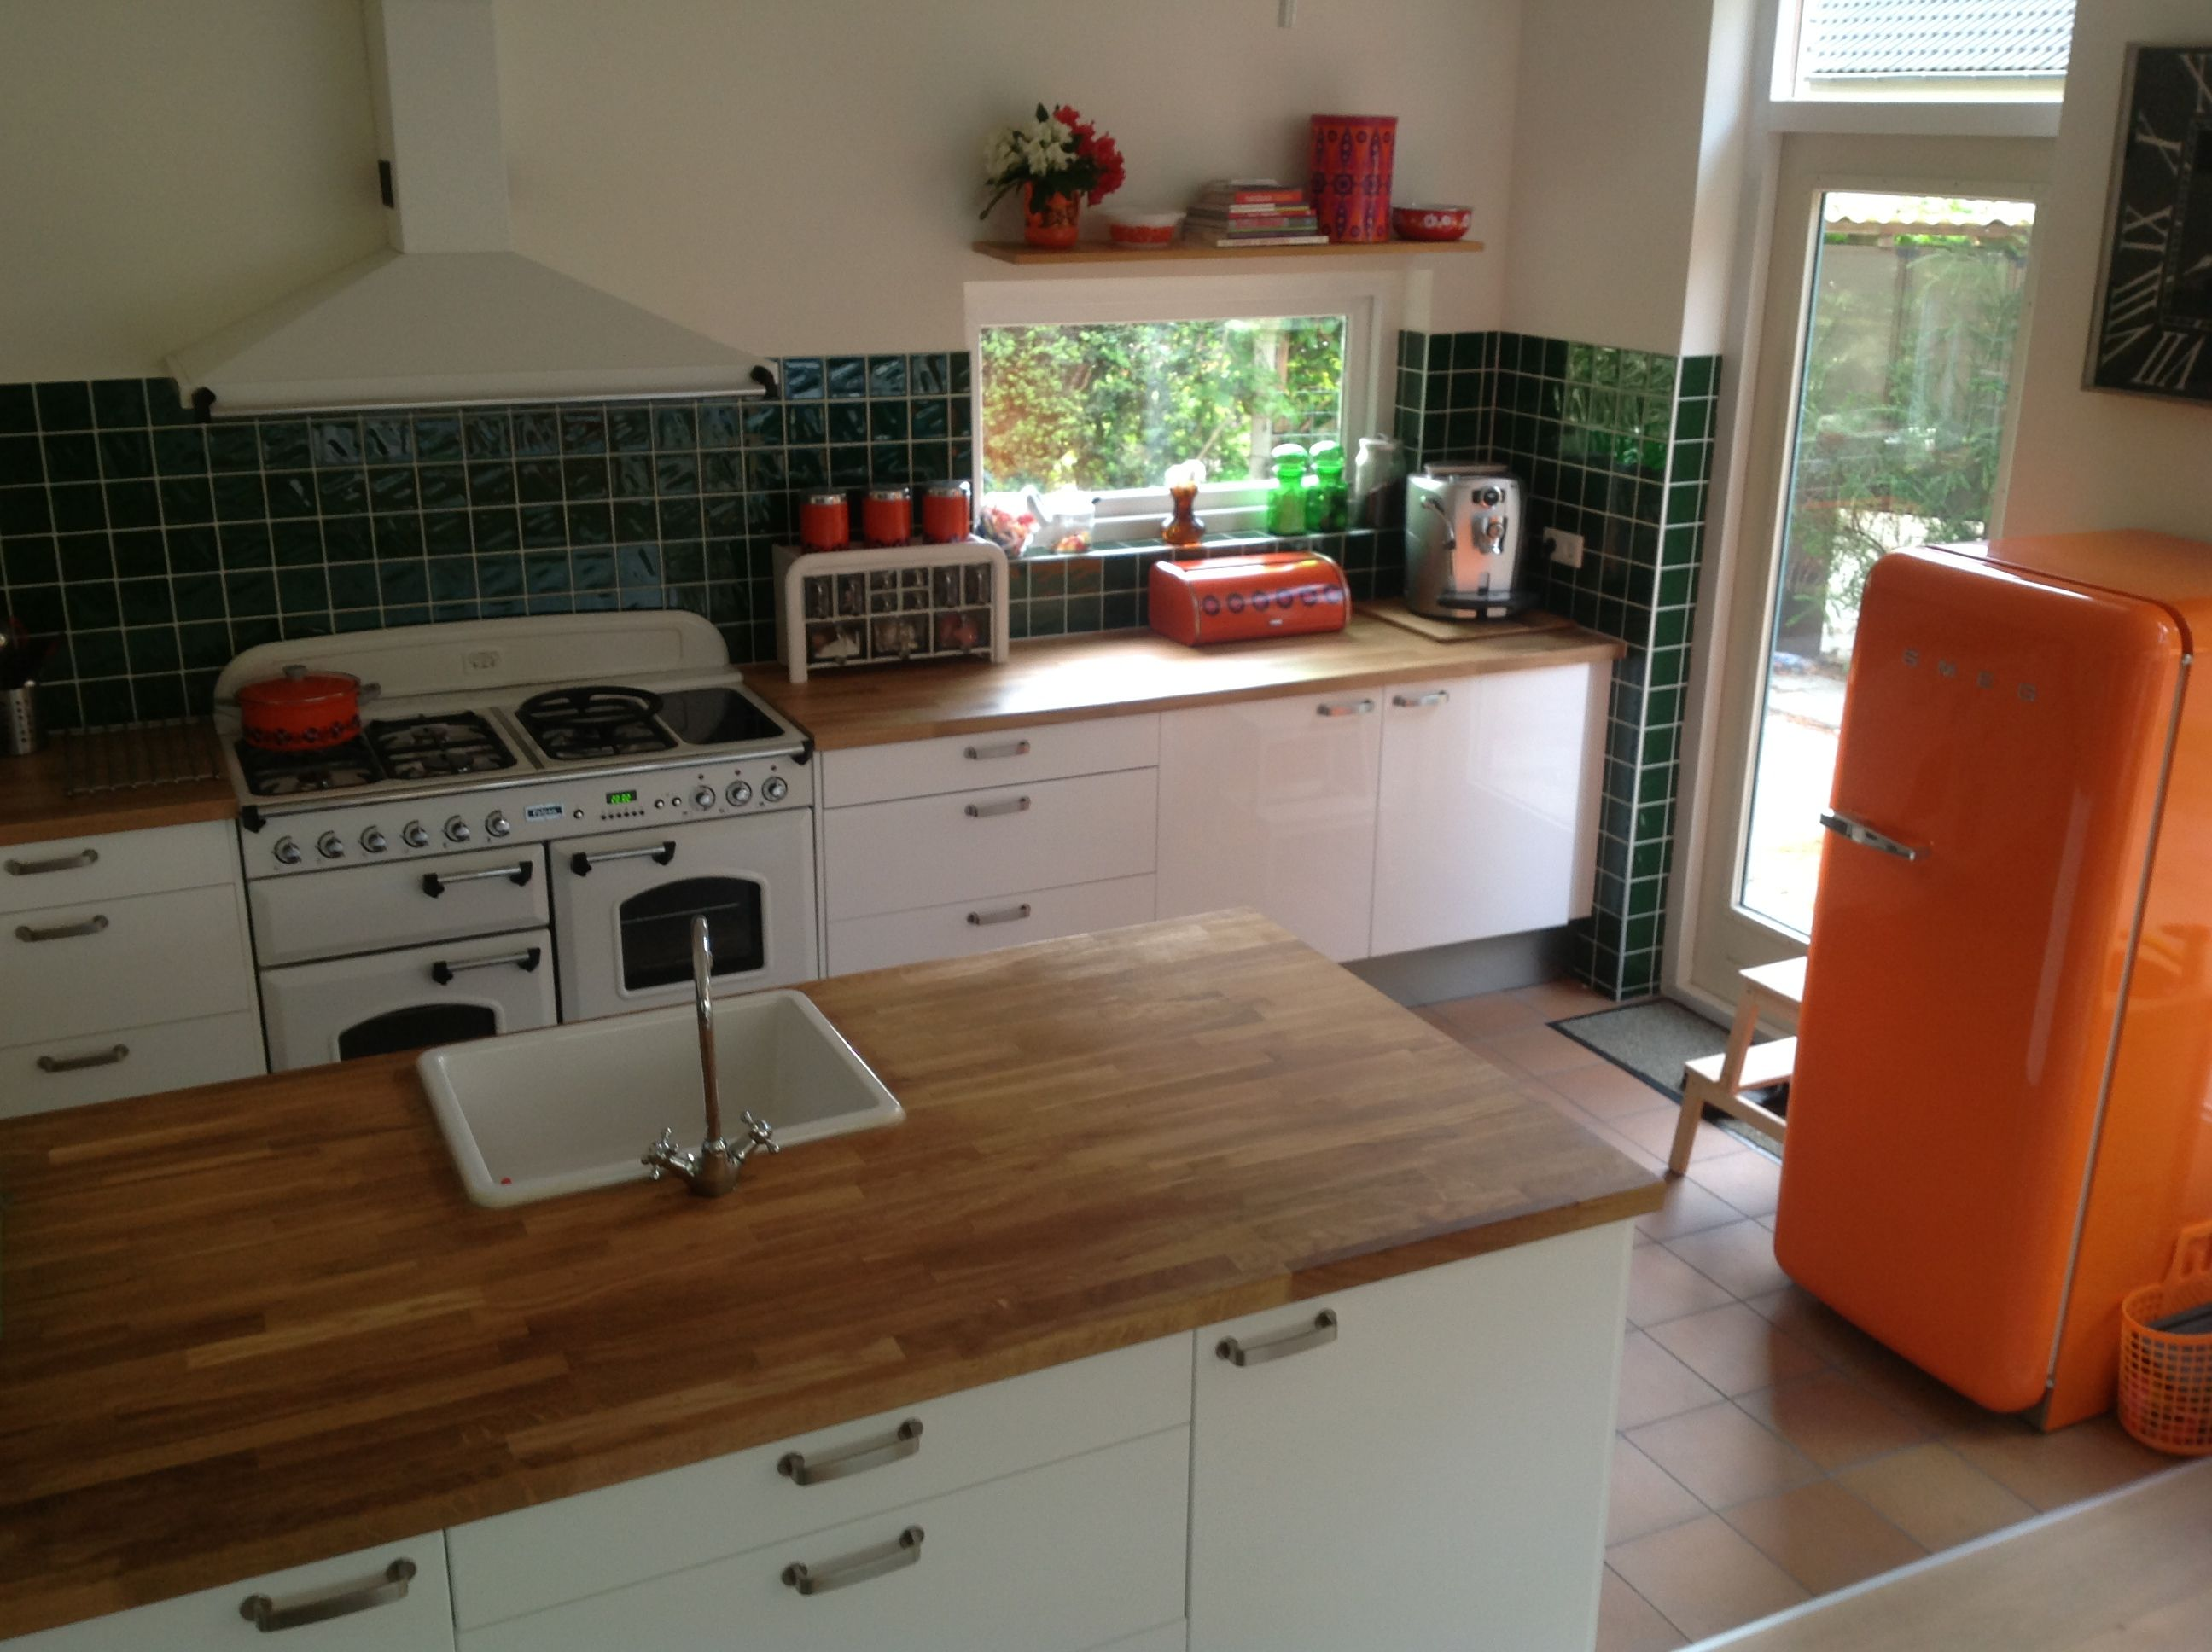 Moderne Retro Keuken : Moderne decoratie een retrokeuken elegant moderne retro keuken